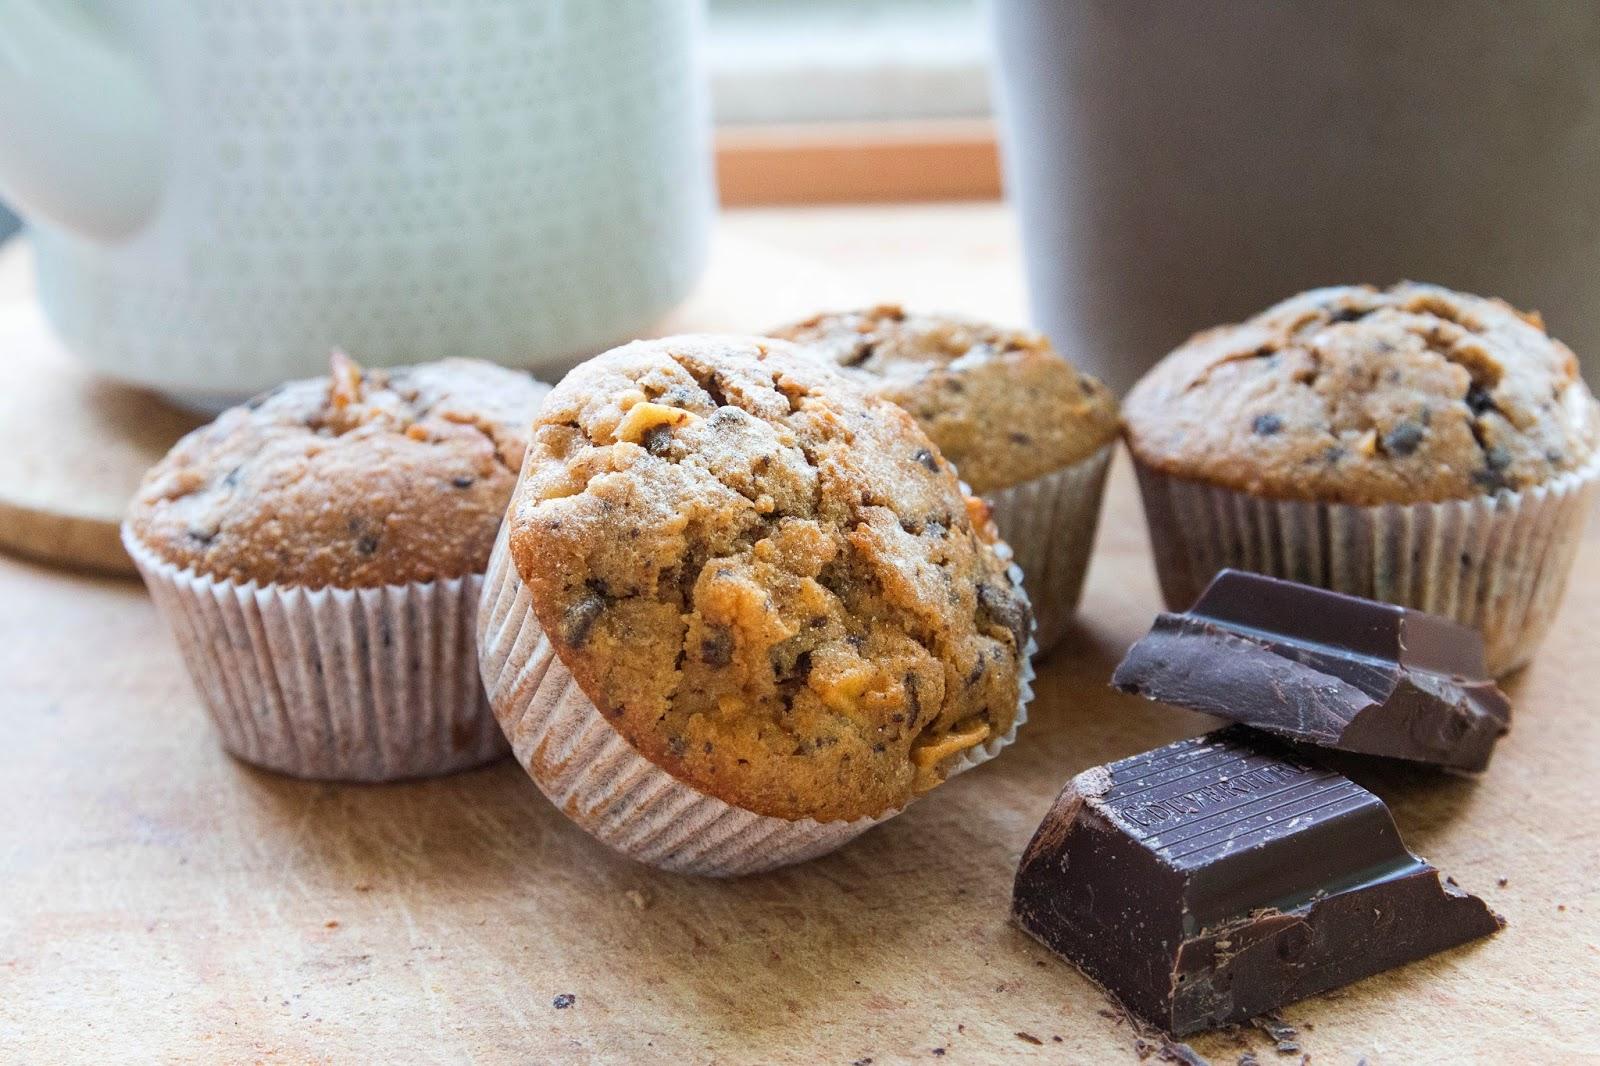 apfel schoko muffins mit haferflocken nascheule. Black Bedroom Furniture Sets. Home Design Ideas